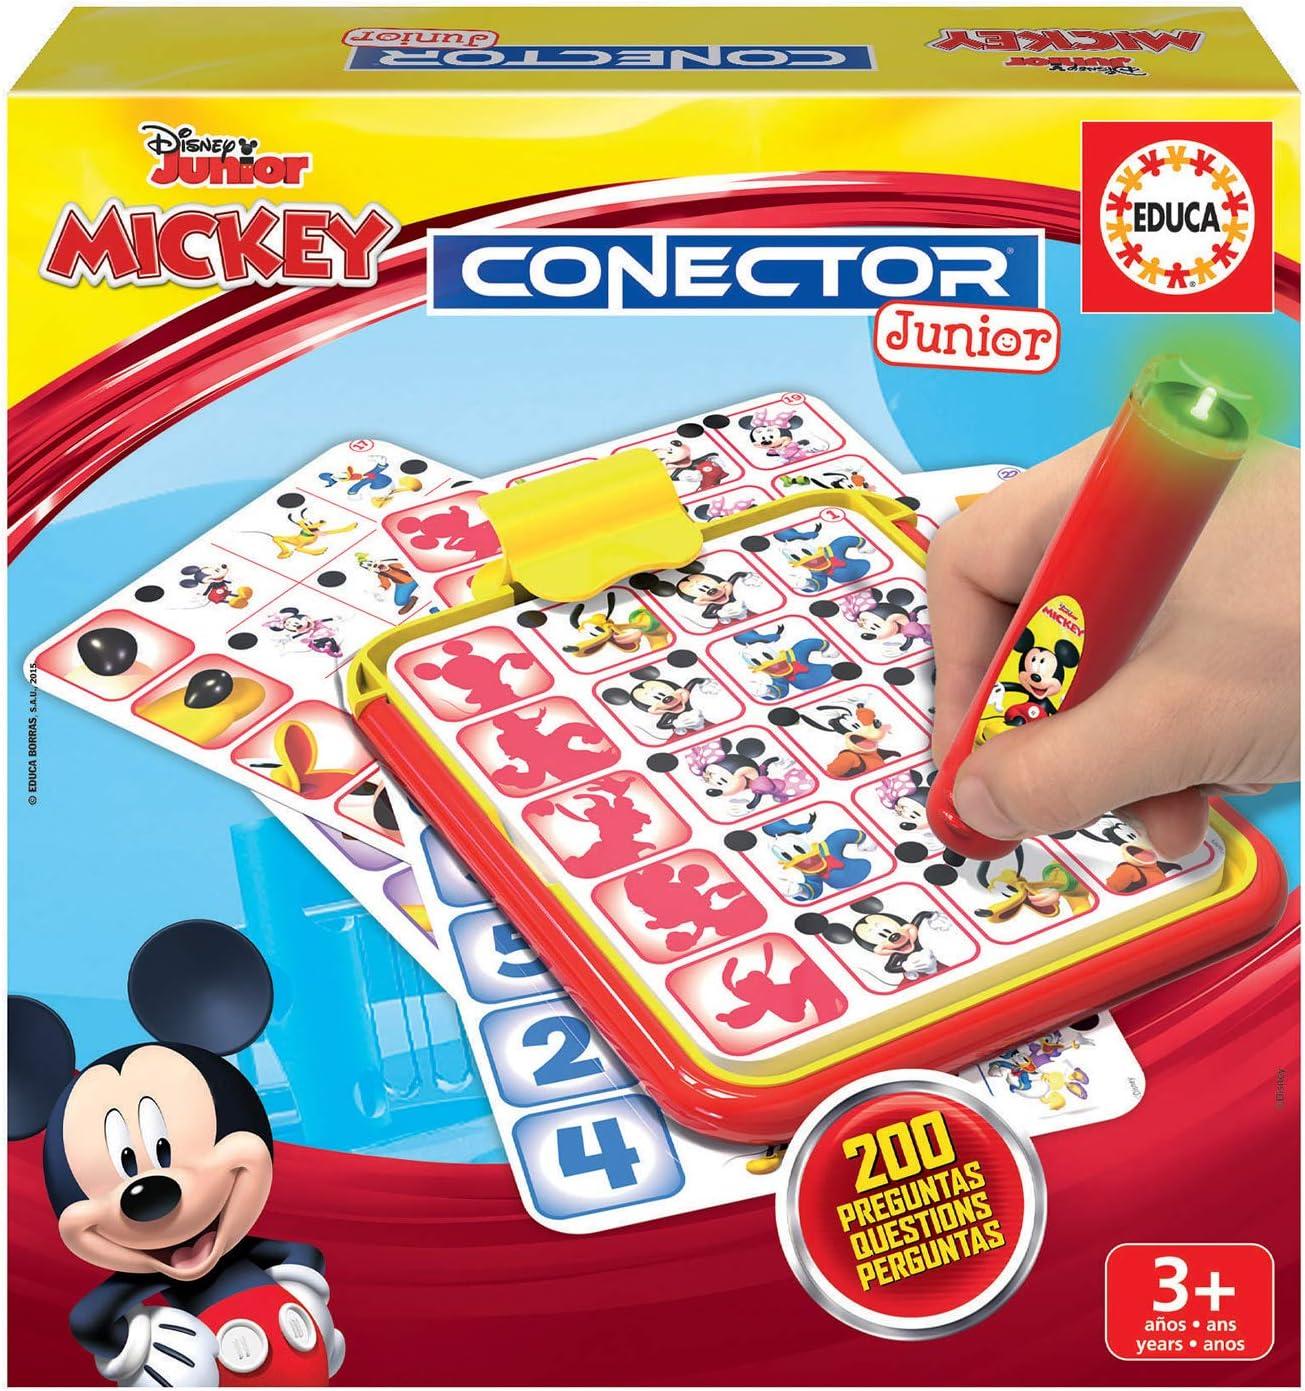 Educa- Conector Junior Mickey y Minnie Juego de Preguntas y respuestas, Incluye boli Sabio con led, para niños de Entre 3 y 5 años (18544)